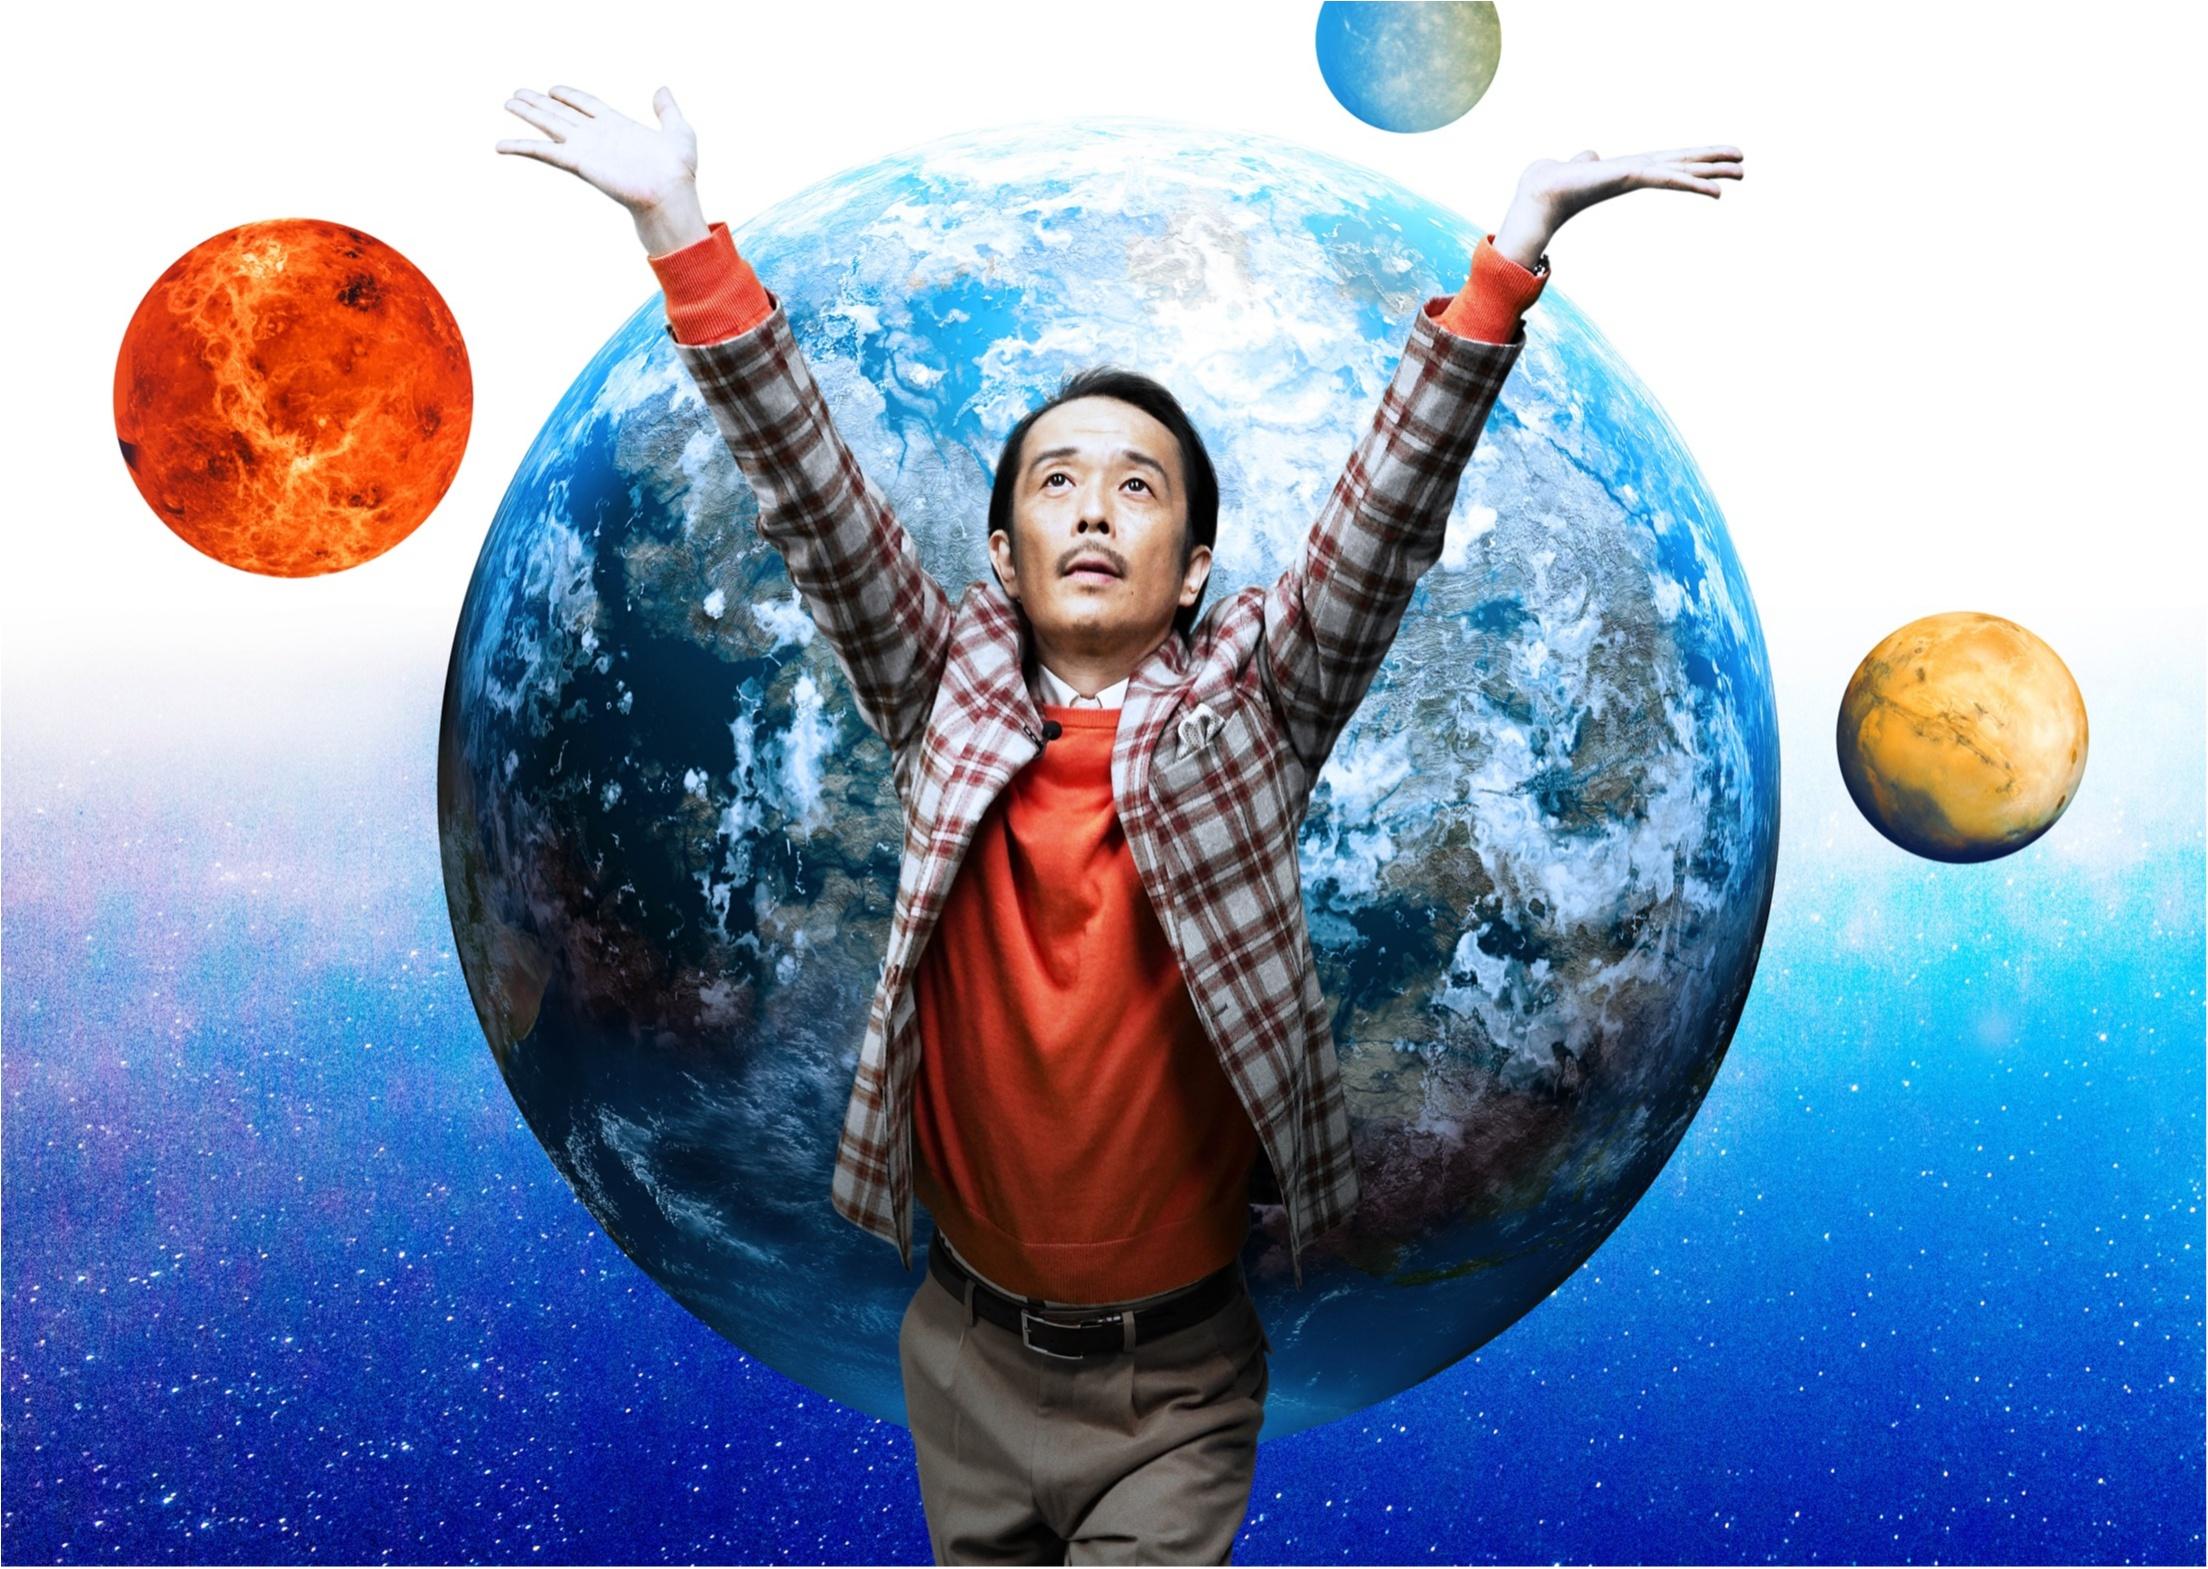 映画「美しい星」の美しさと笑いのエネルギーに覚醒!役者・亀梨和也の人間味と宇宙人的な色気とは?_1